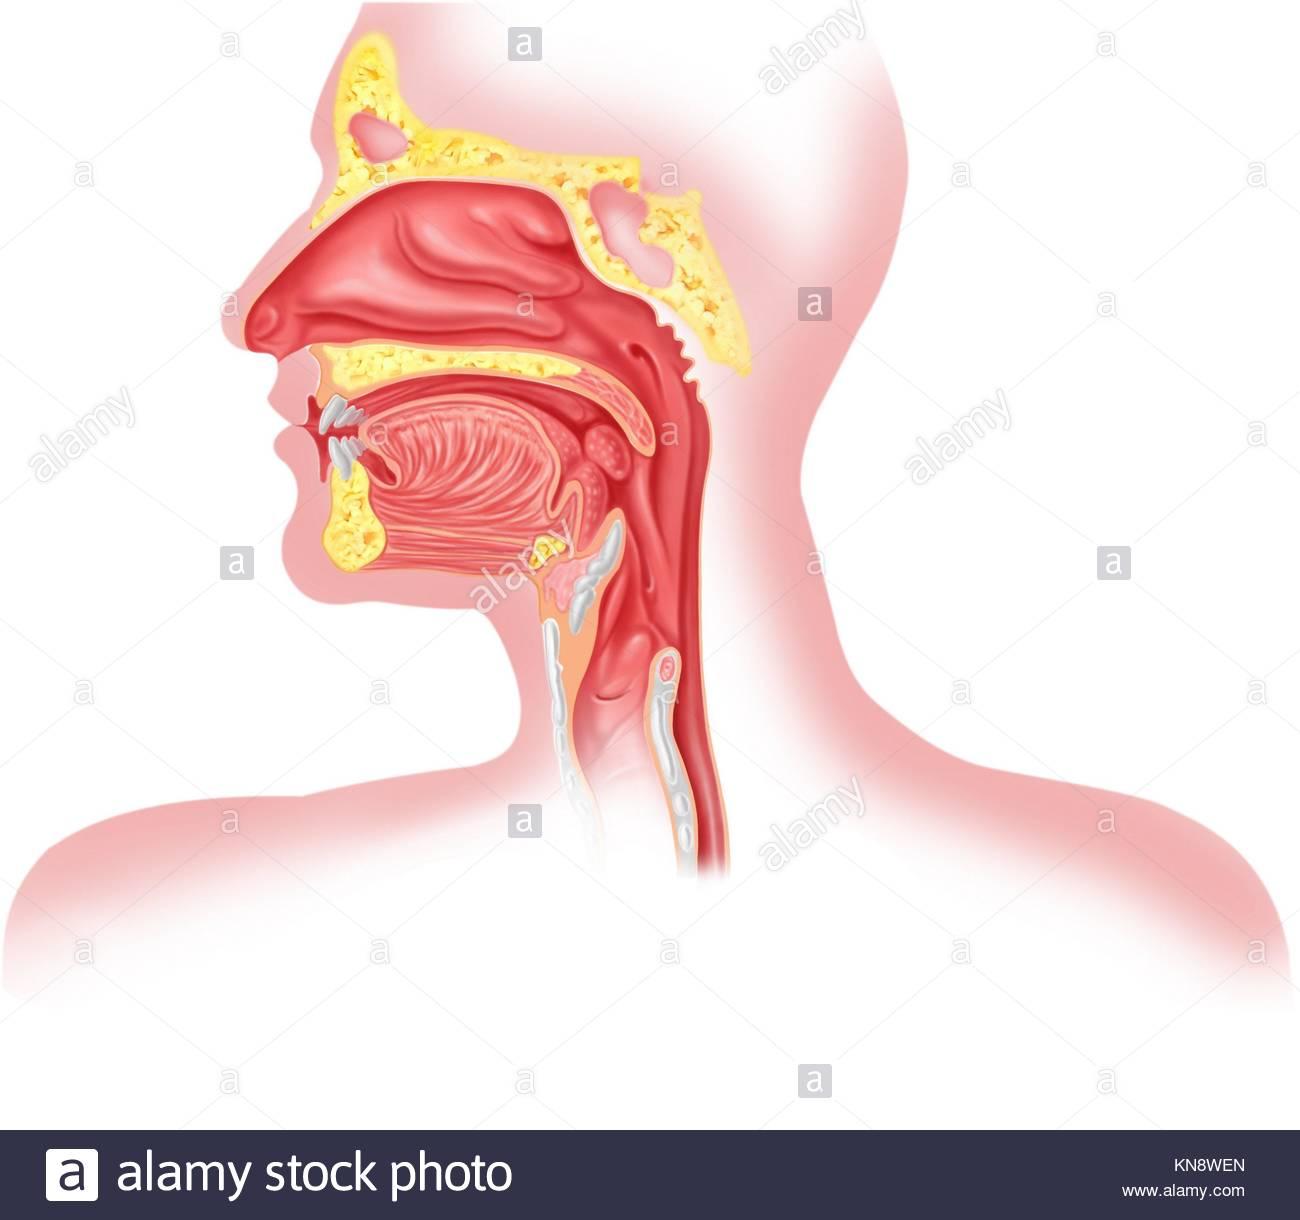 Menschliche Atmungssystem Querschnitt, Leiter teil Stockfoto, Bild ...